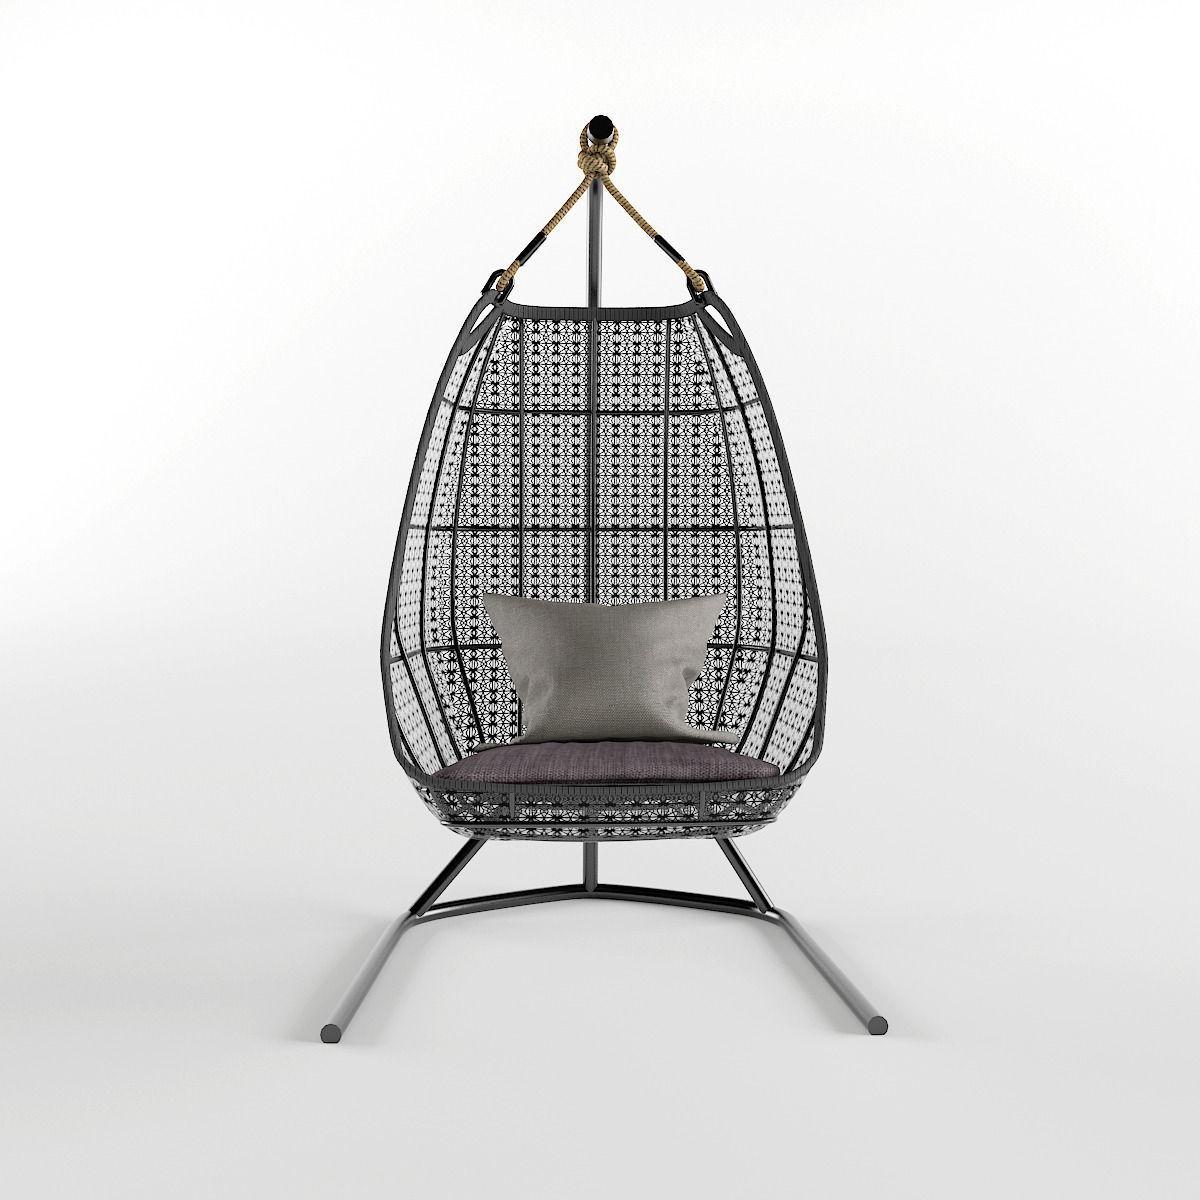 Ordinaire ... Garden Hanging Chair 3d Model Max Obj Fbx Mtl 3 ...